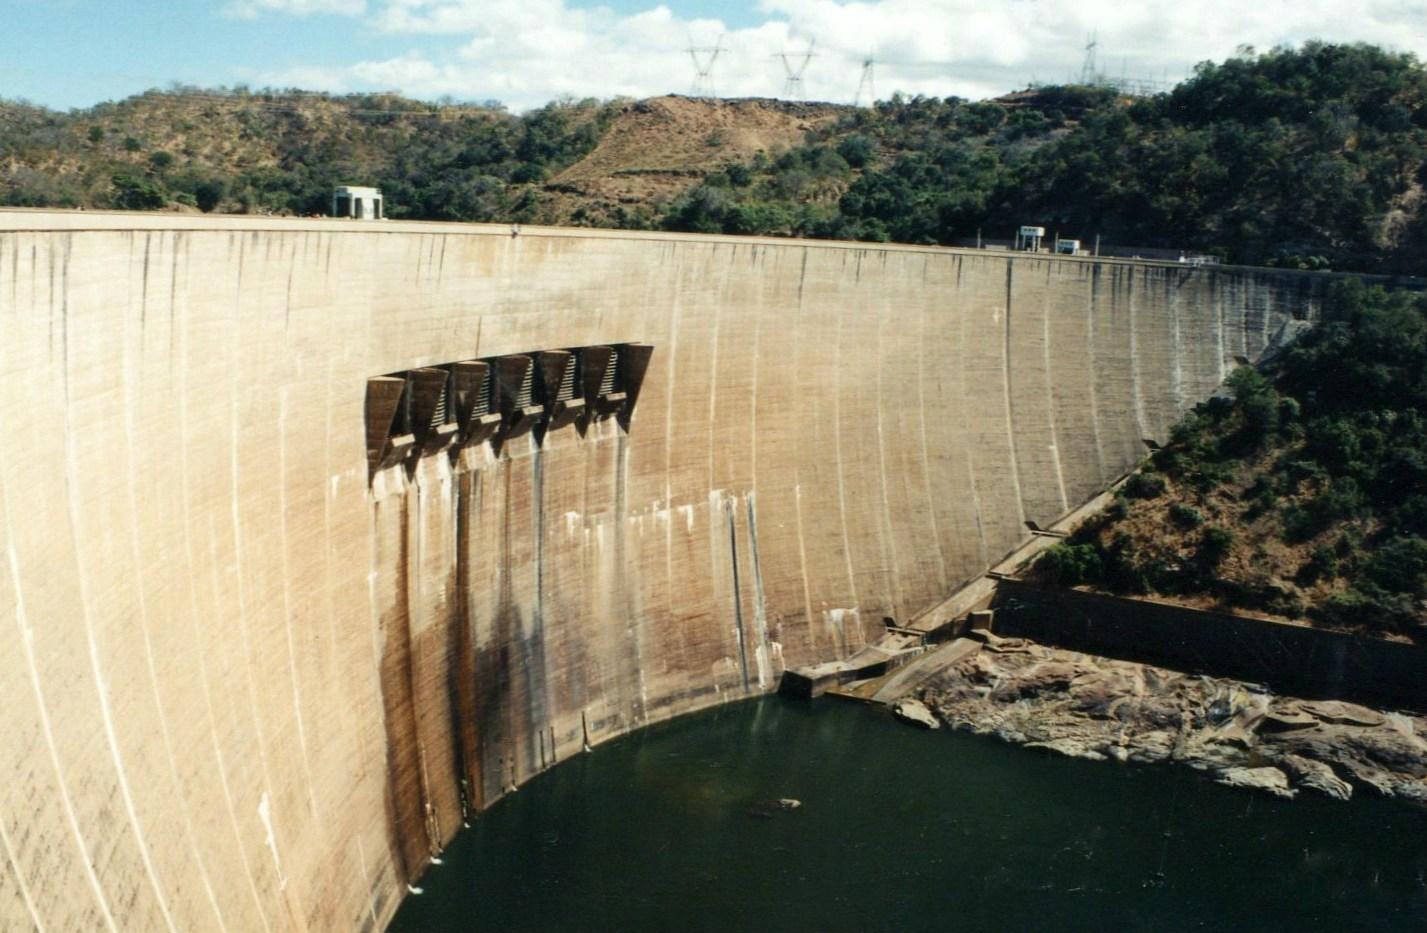 Hráz přehrady Kariba, Zimbabwe - Zambie